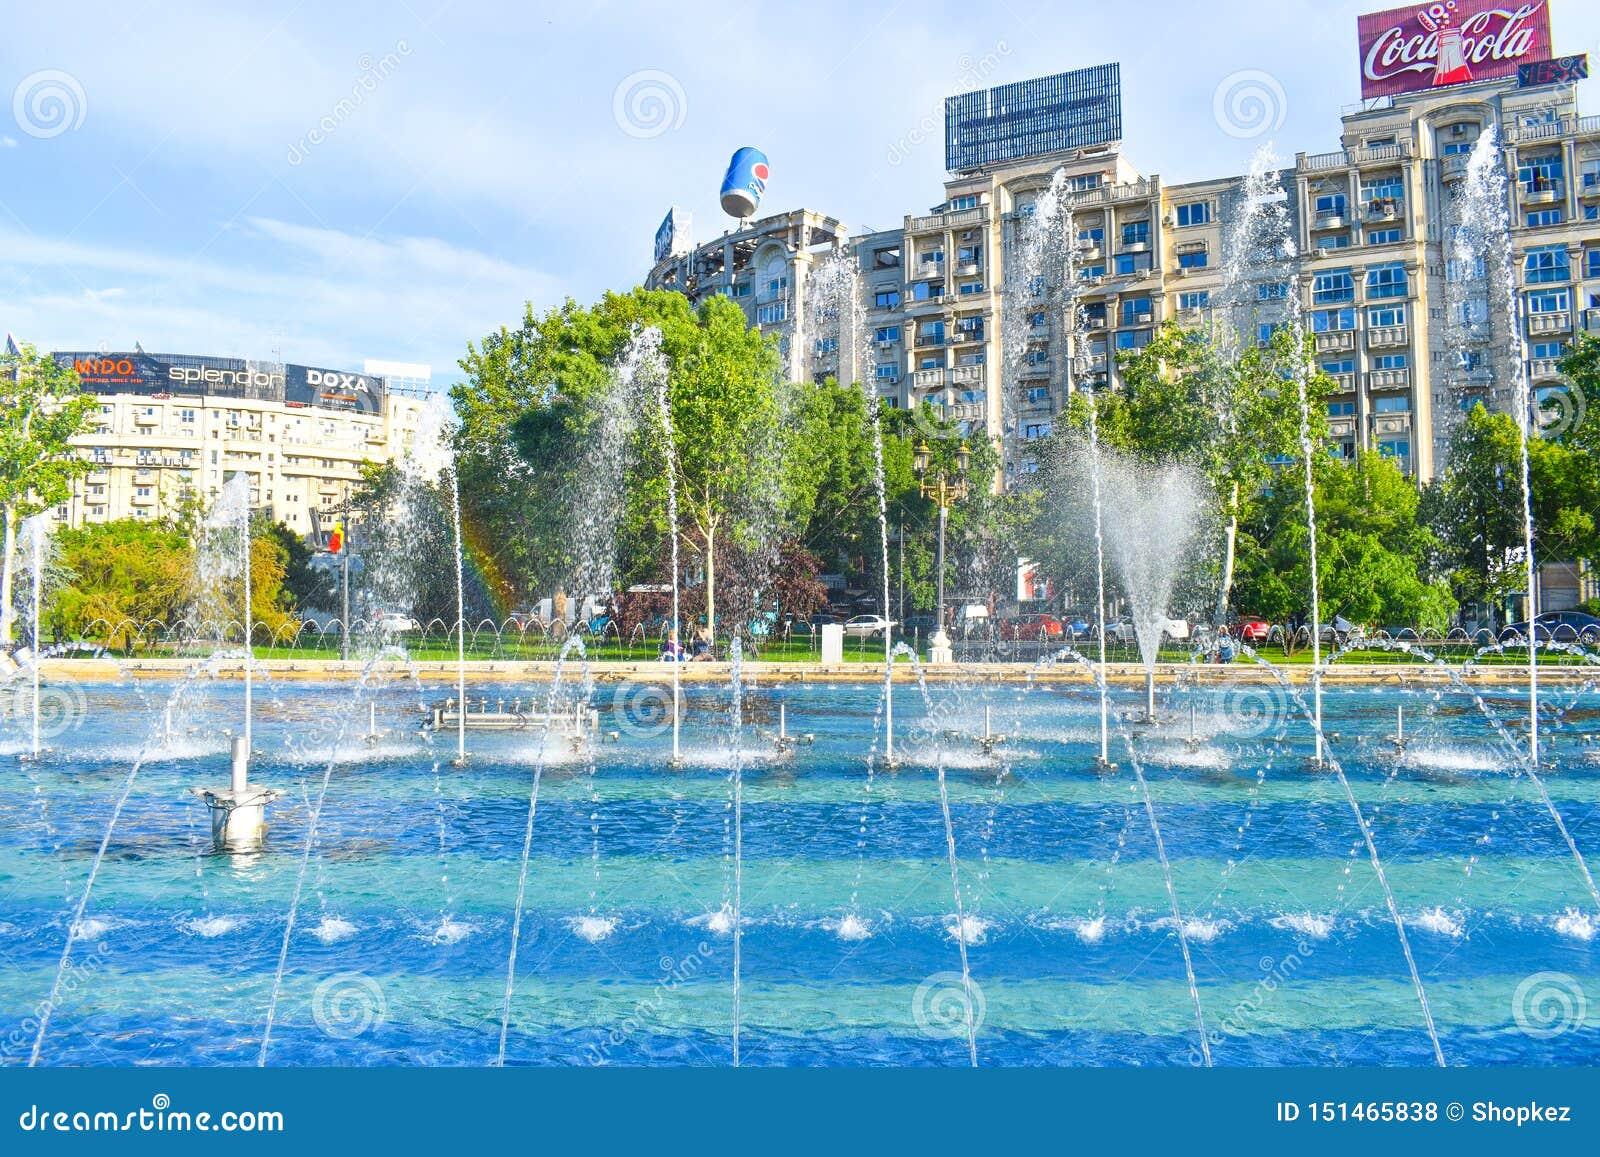 Belles fontaines dans Union Square ou Piata Unirii dans le centre ville de Bucarest dans une journée de printemps ensoleillée 20